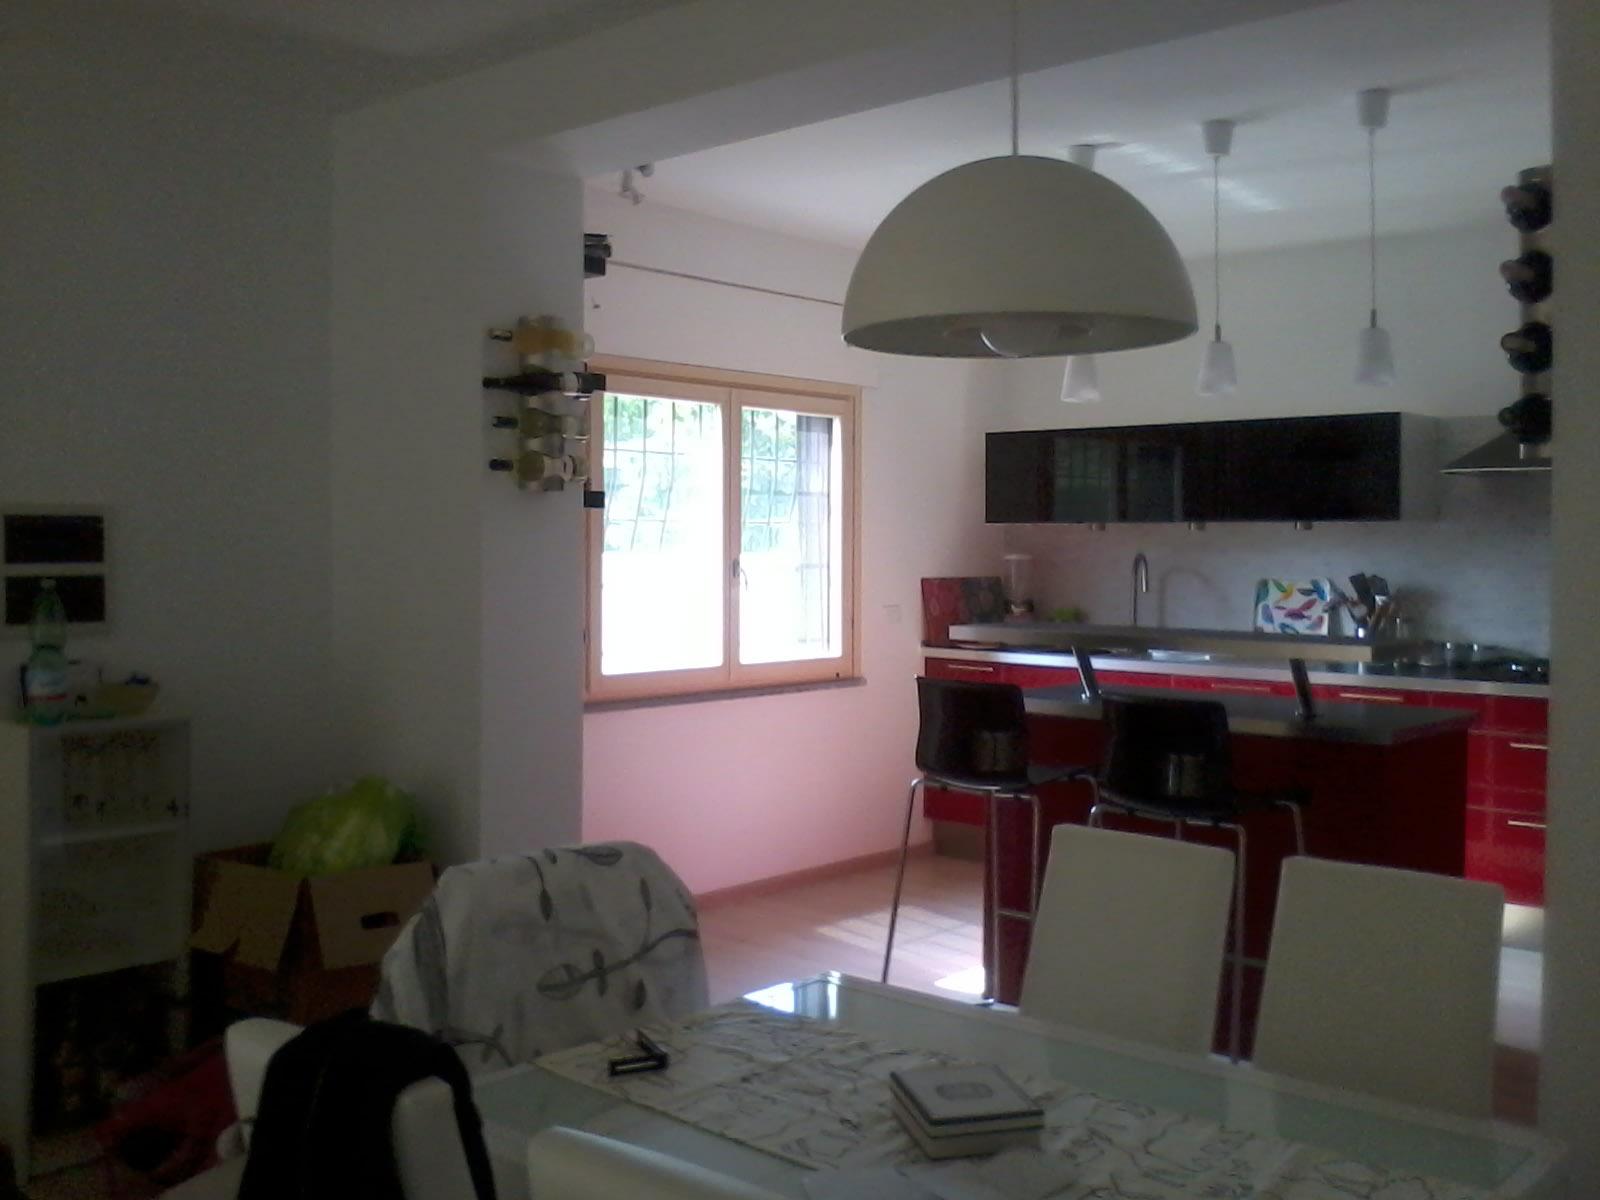 Casa BV – Recupero edilizio e Consolidamento strutture